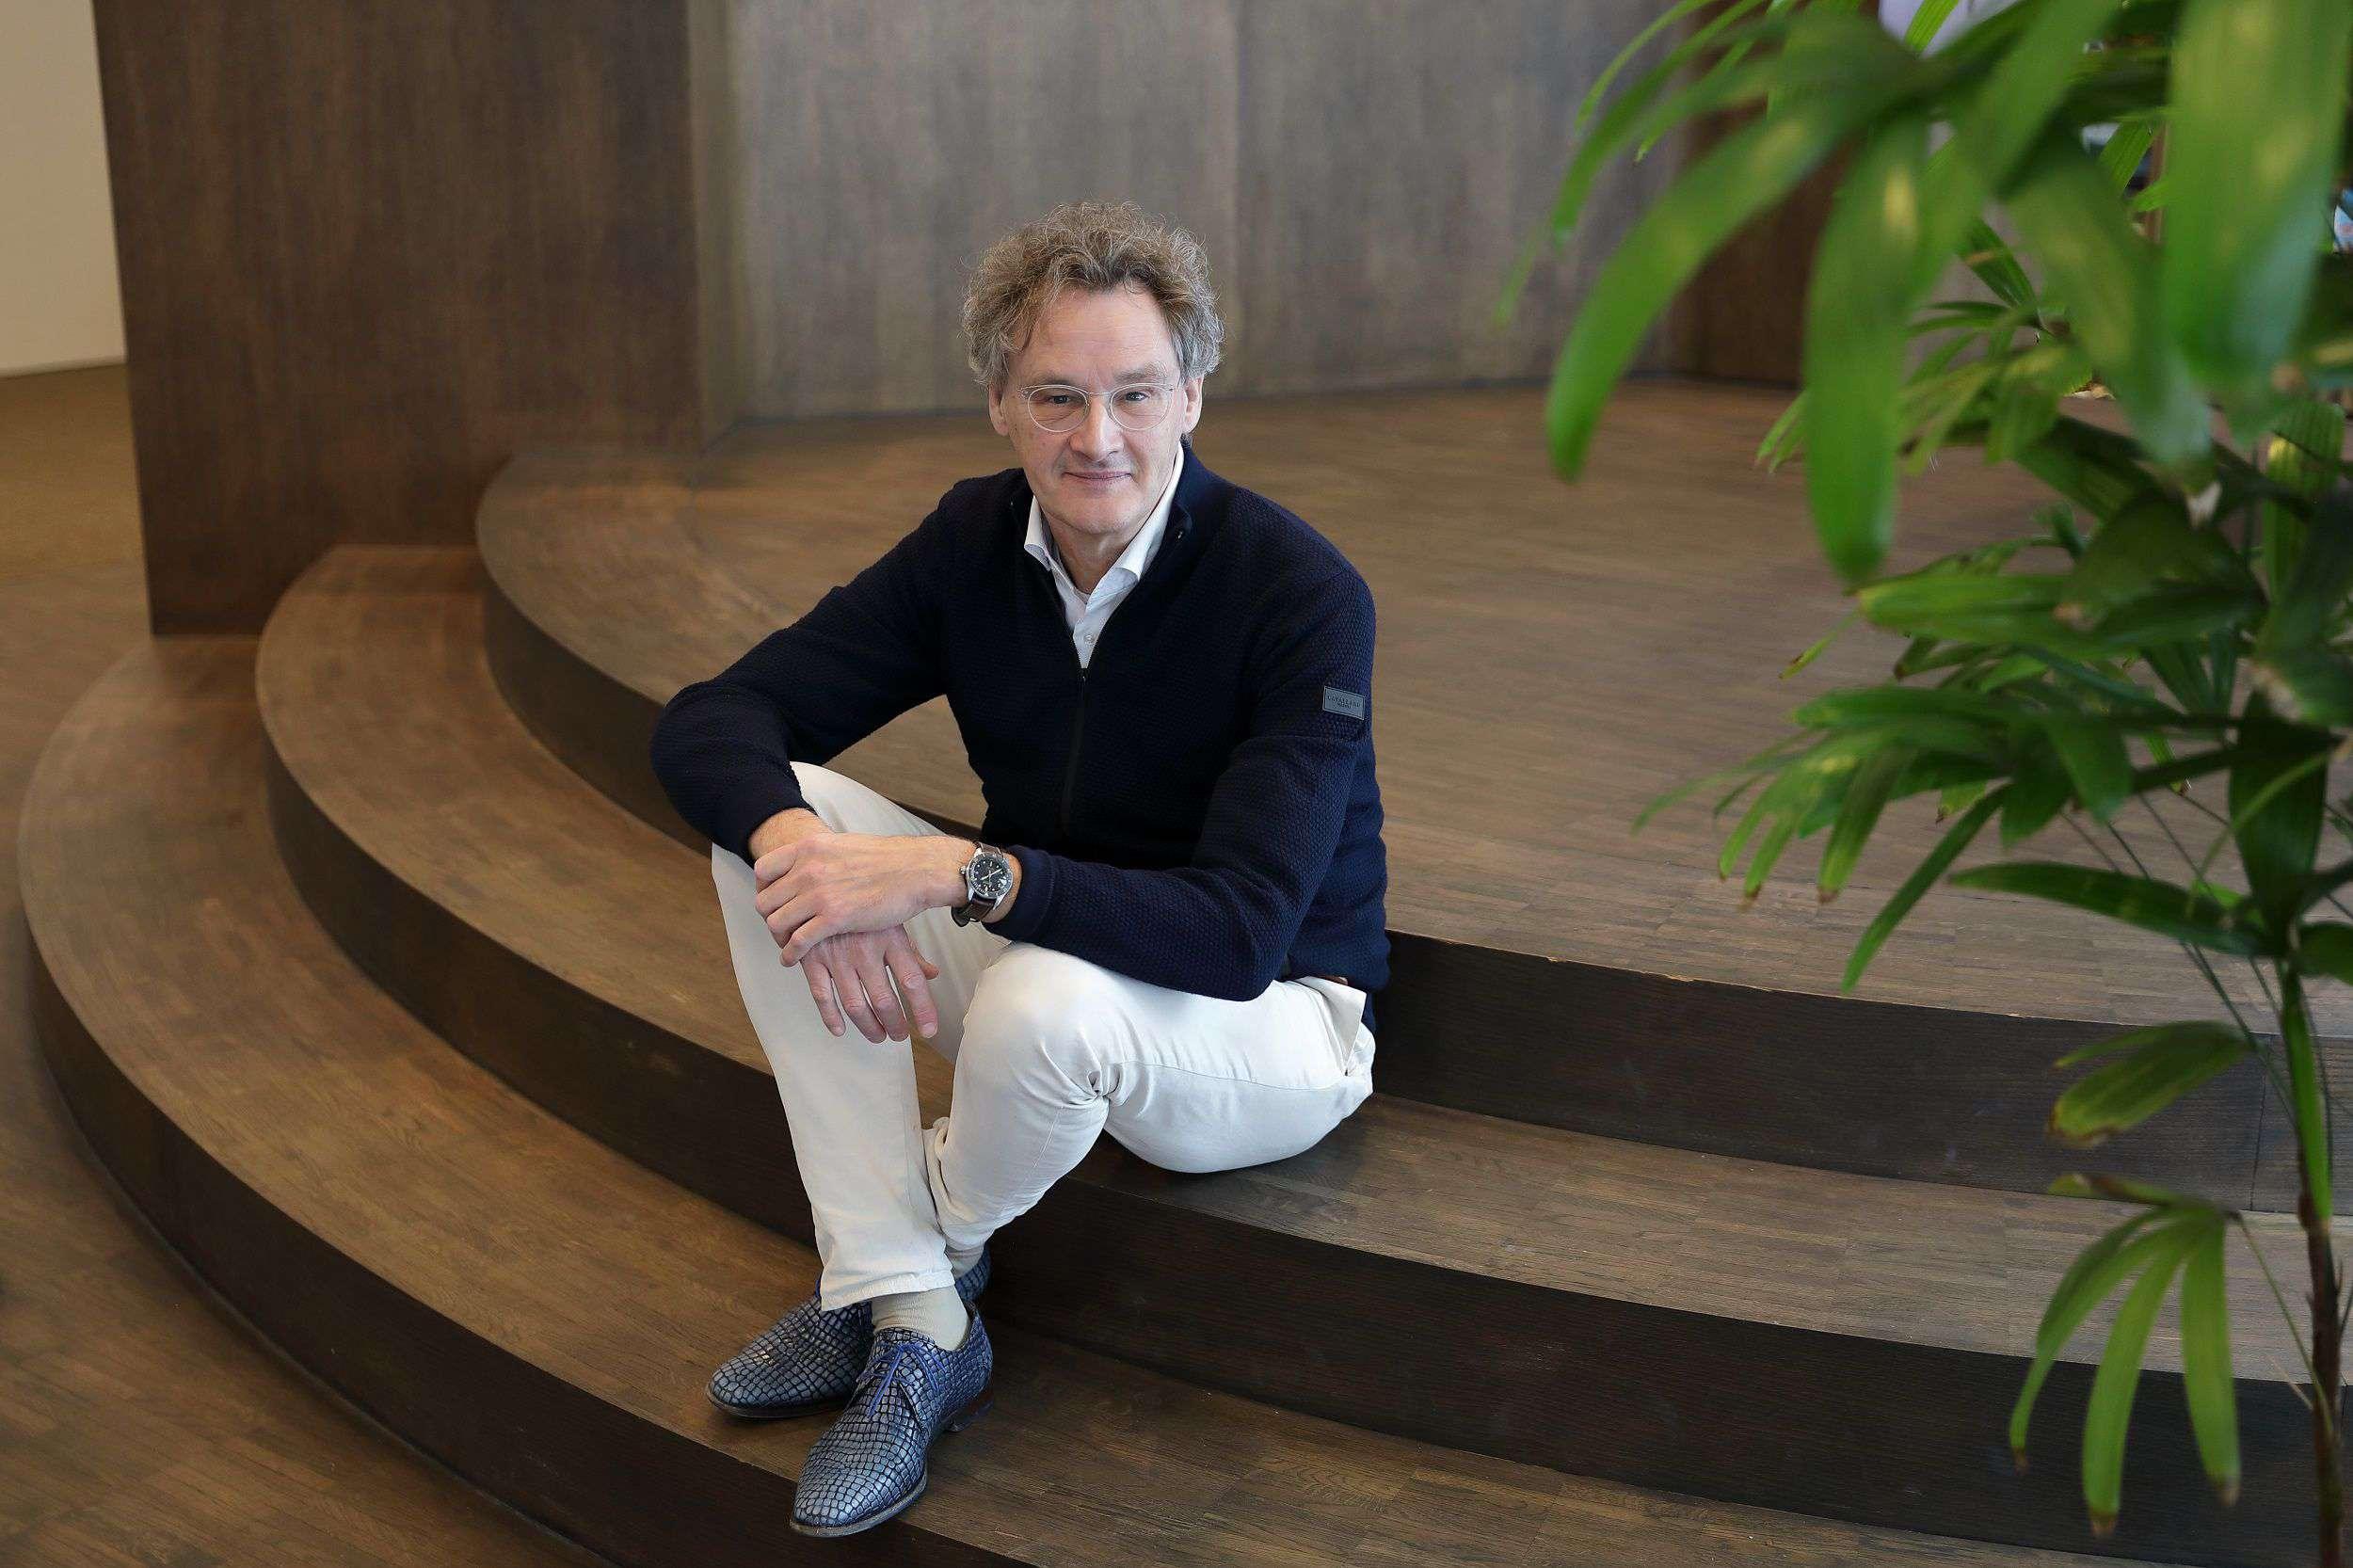 Peter van der Velden Leonie van der Locht Huijbers 2019 2